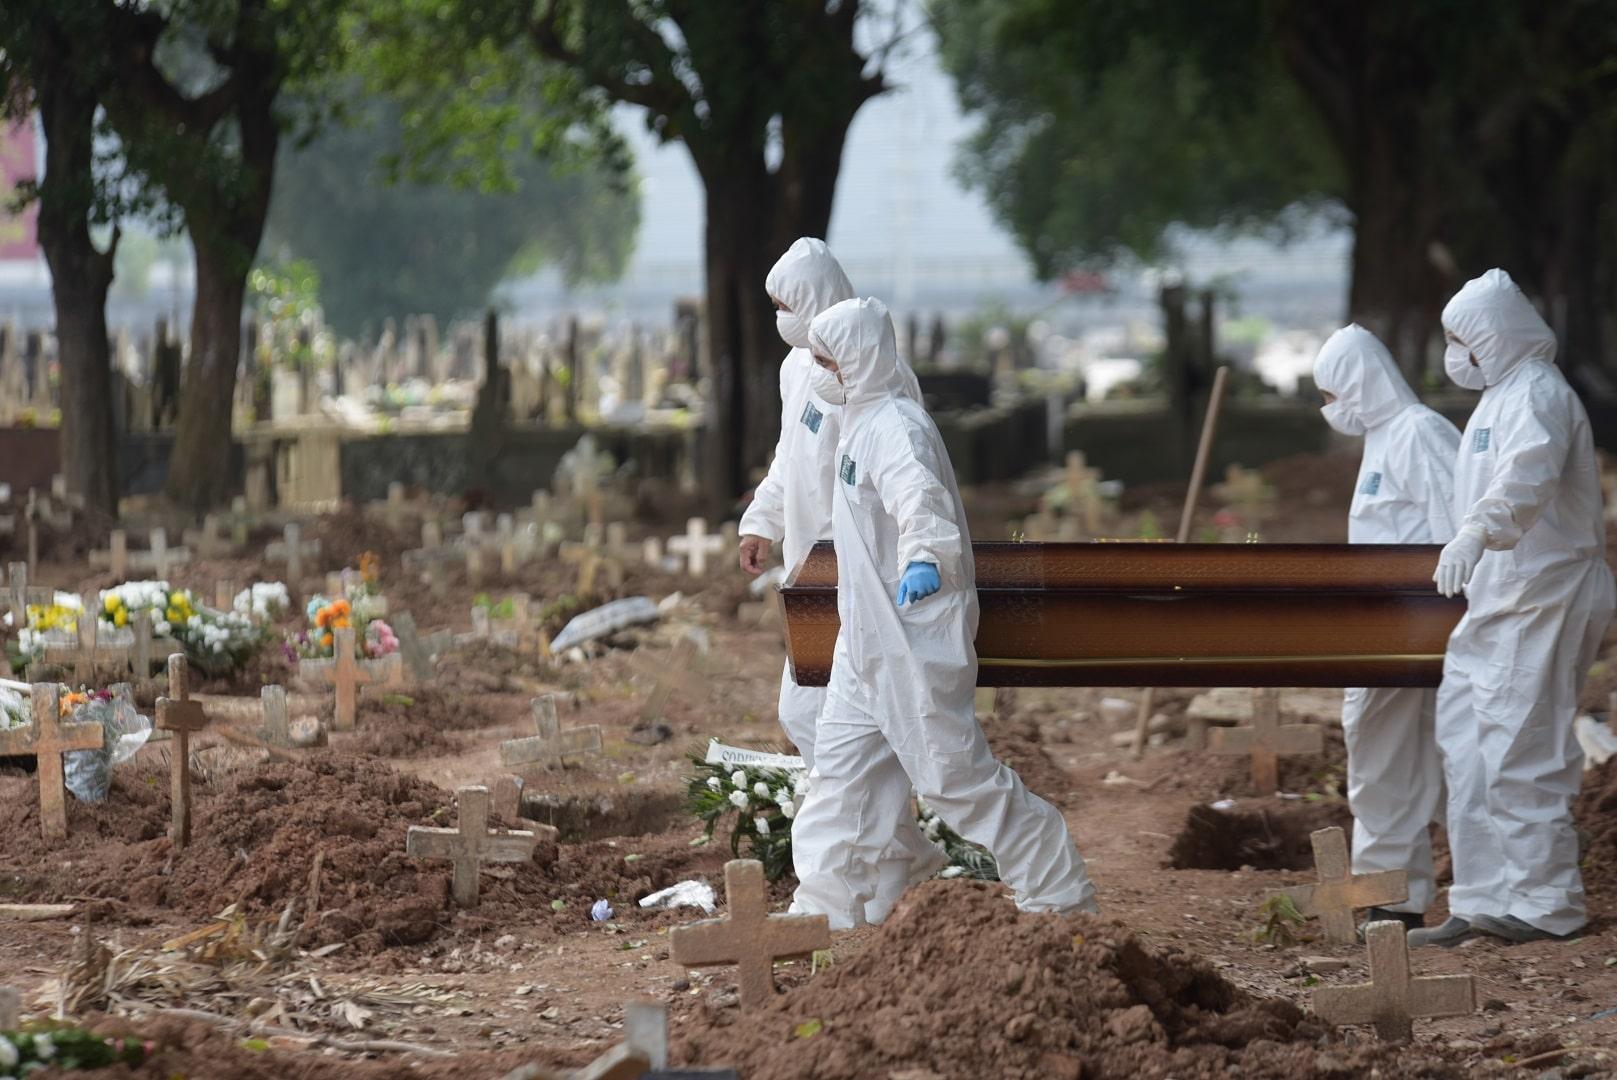 Brasil registra mais 542 mortes por Covid-19 em 24h